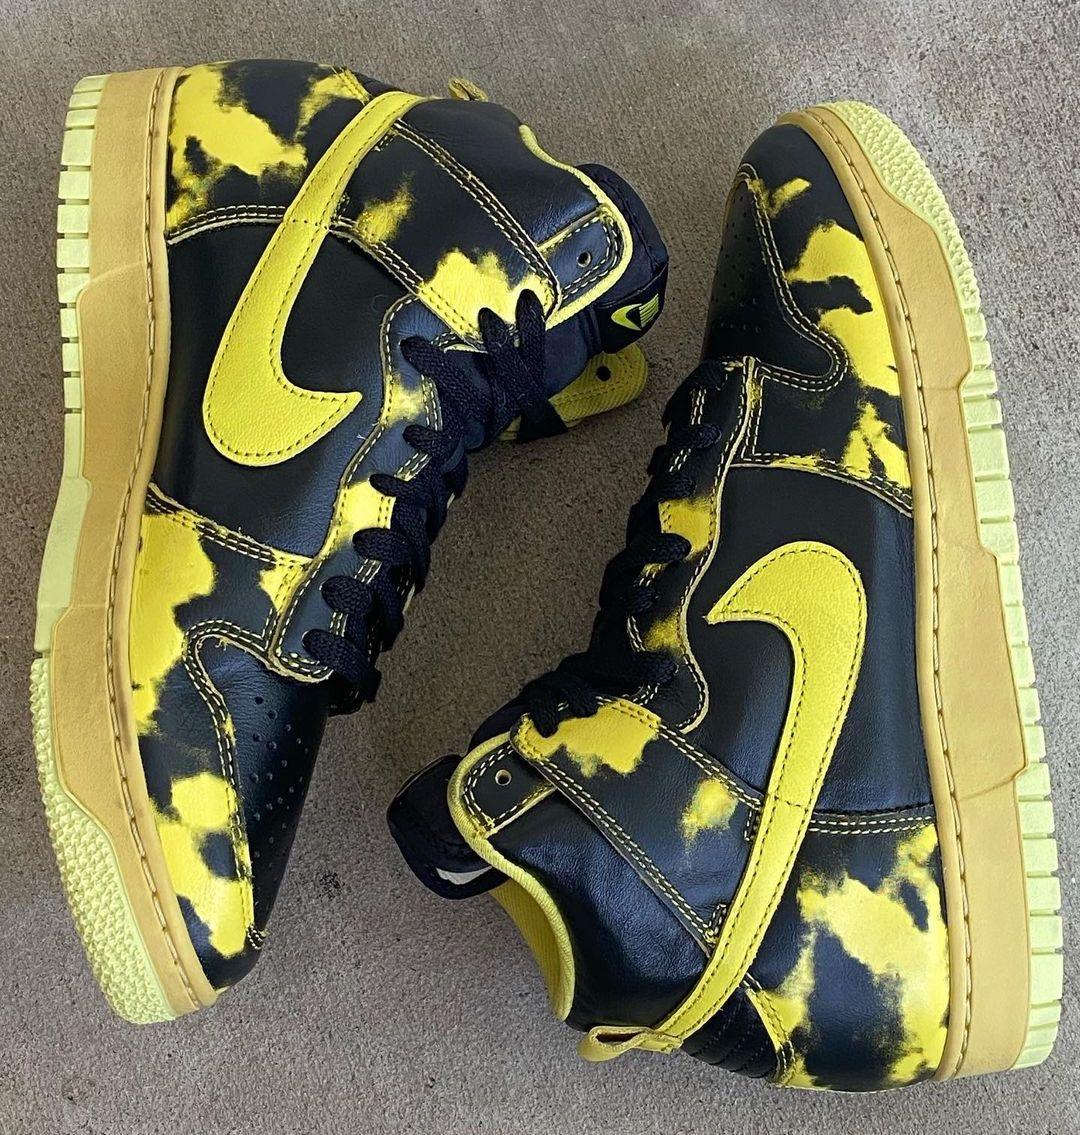 Nike Dunk High, Nike Dunk, NIKE, HIGH, Dunk High, Dunk, Black